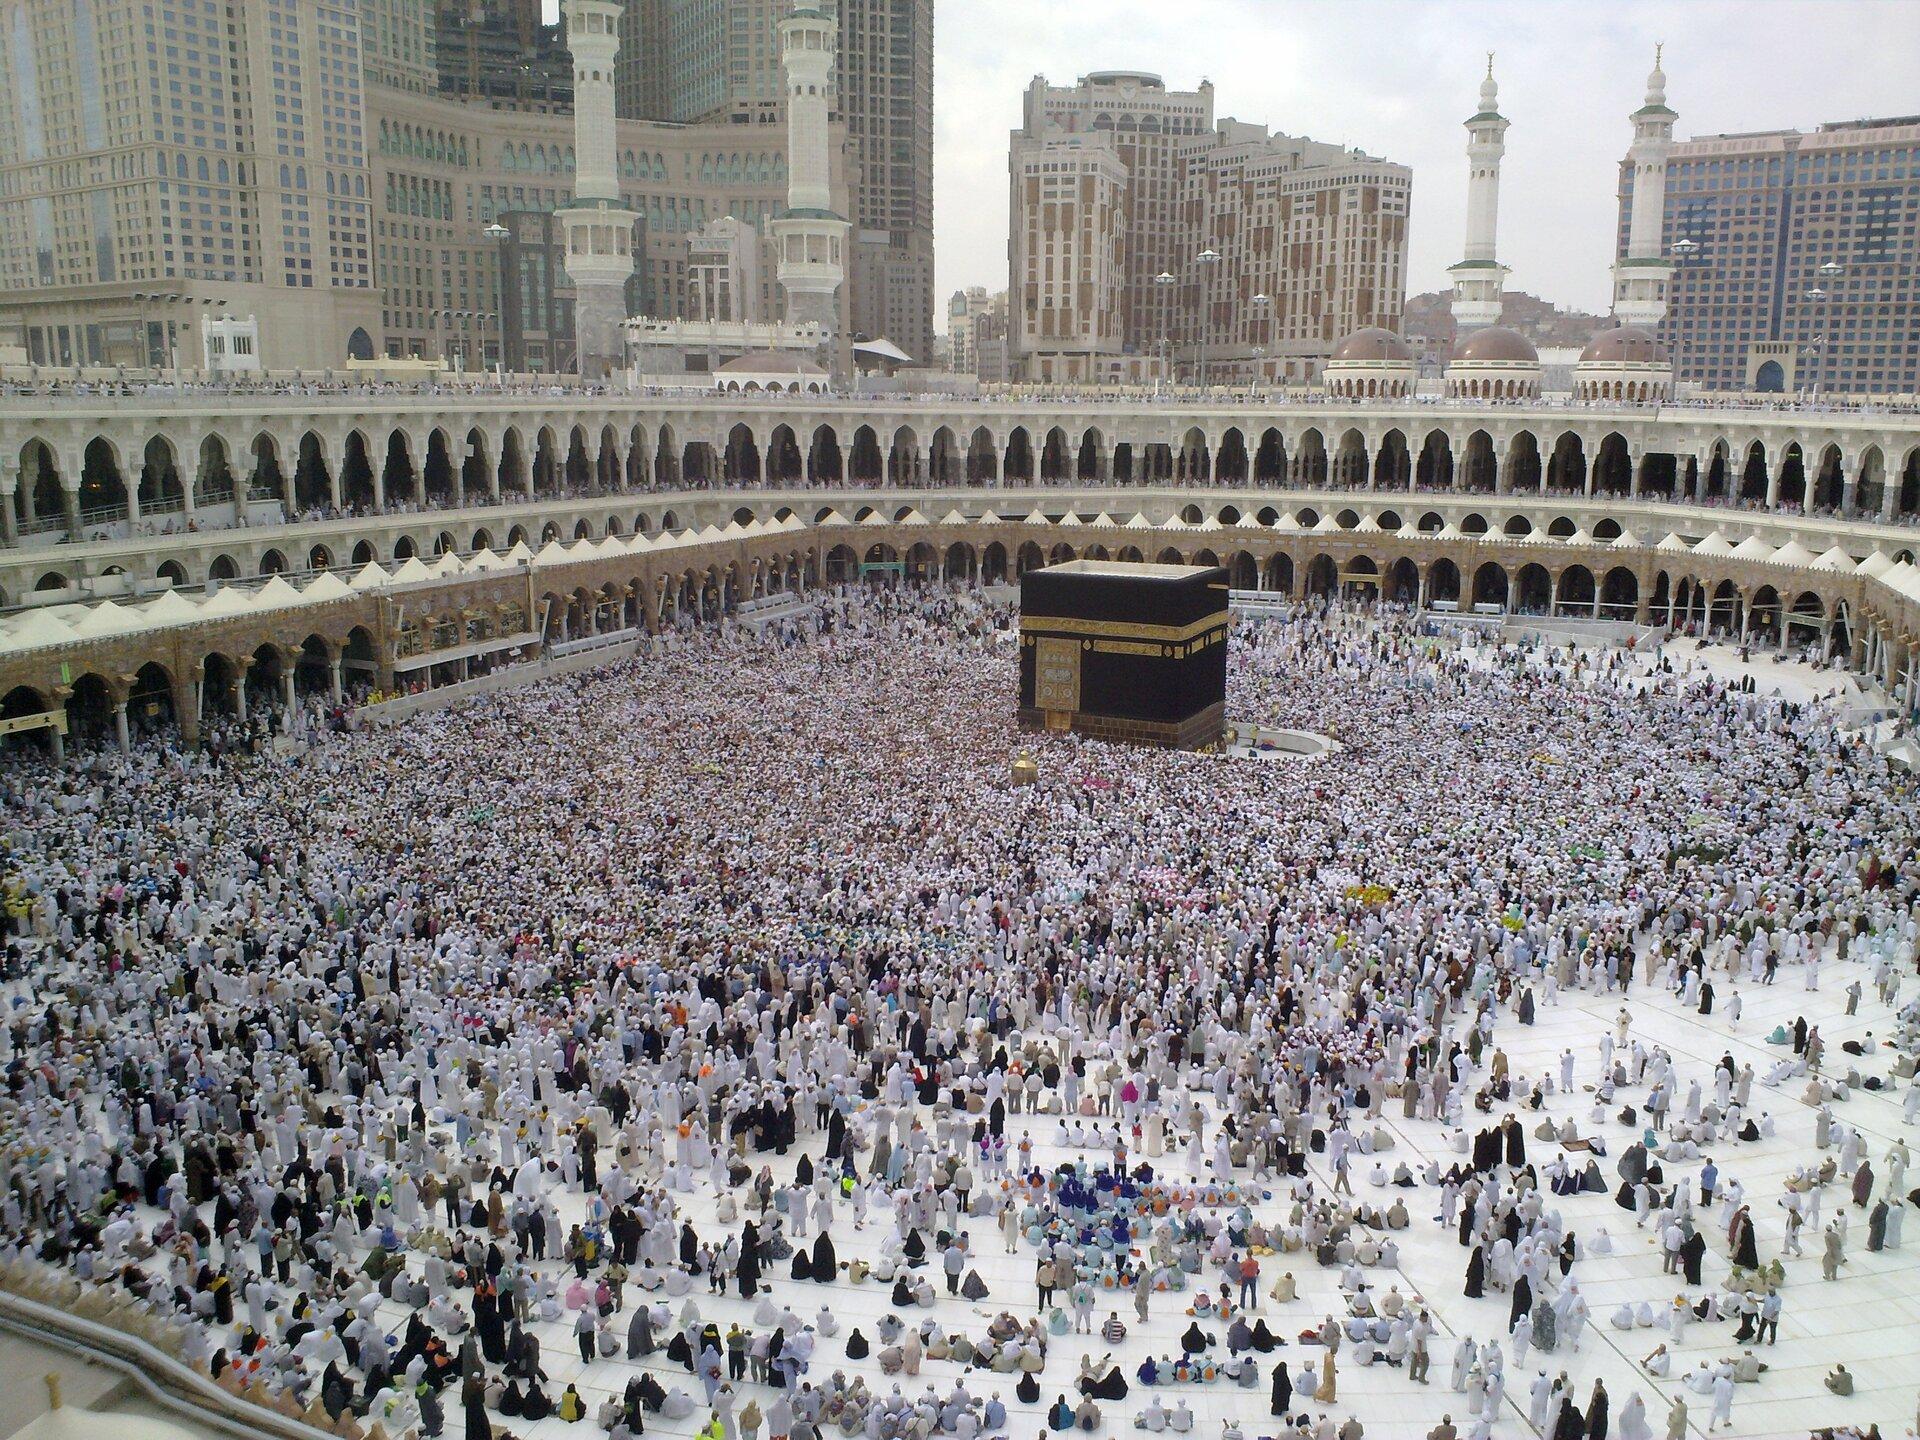 Zdjęcie przedstawia dziedziniec wkształcie wieloboku otoczony kilkupiętrowymi krużgankami. Na środku dziedzińca wielki sześcian wciemnym kolorze. To Al-Kaba, świątynia isanktuarium wMekce, najważniejsze miejsce święte islamu. Wokół świątyni tłumy wiernych.